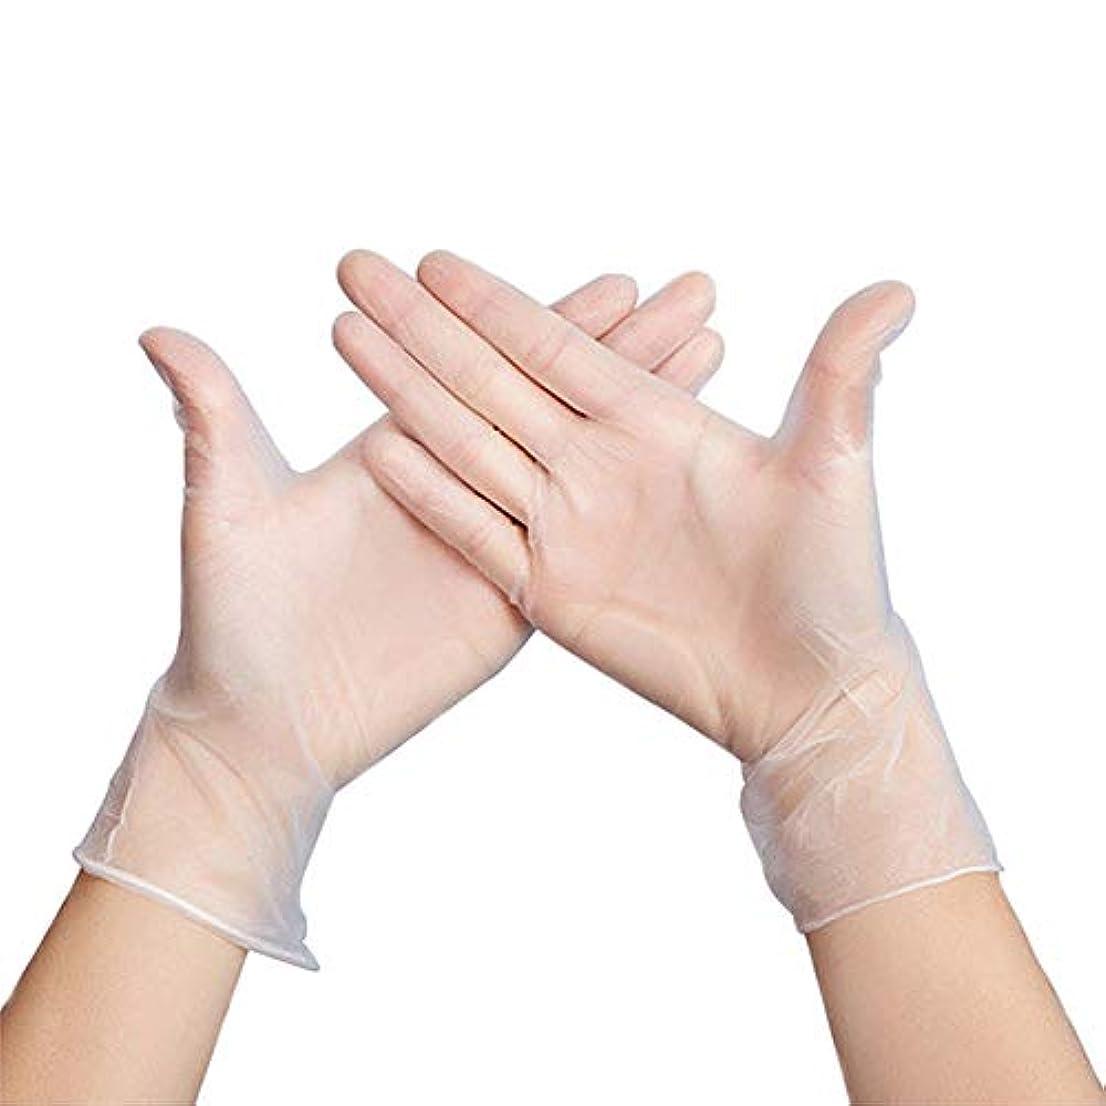 採用する愛する水差しGeafos ニトリル使い捨て手袋、パウダーフリー、食品グレードの手袋、ラテックスフリー、100個 透明 size XL